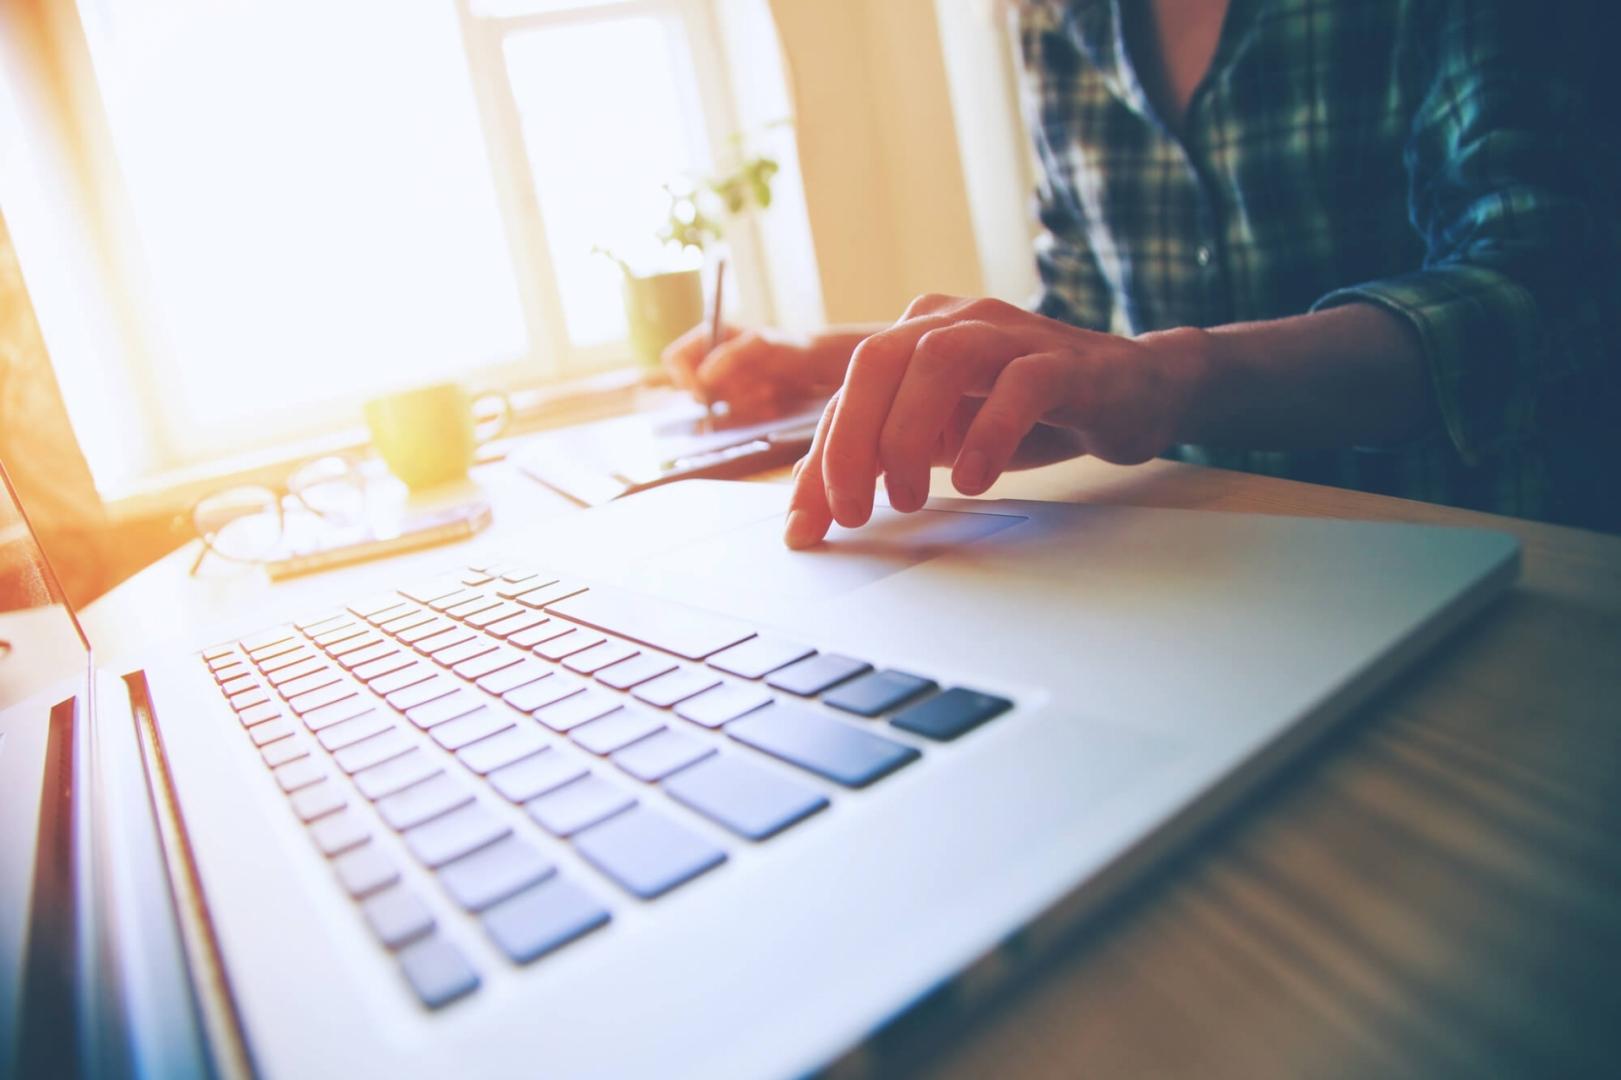 Saiba como criar sites, blogs e lojas virtuais para vender como um negócio próprio